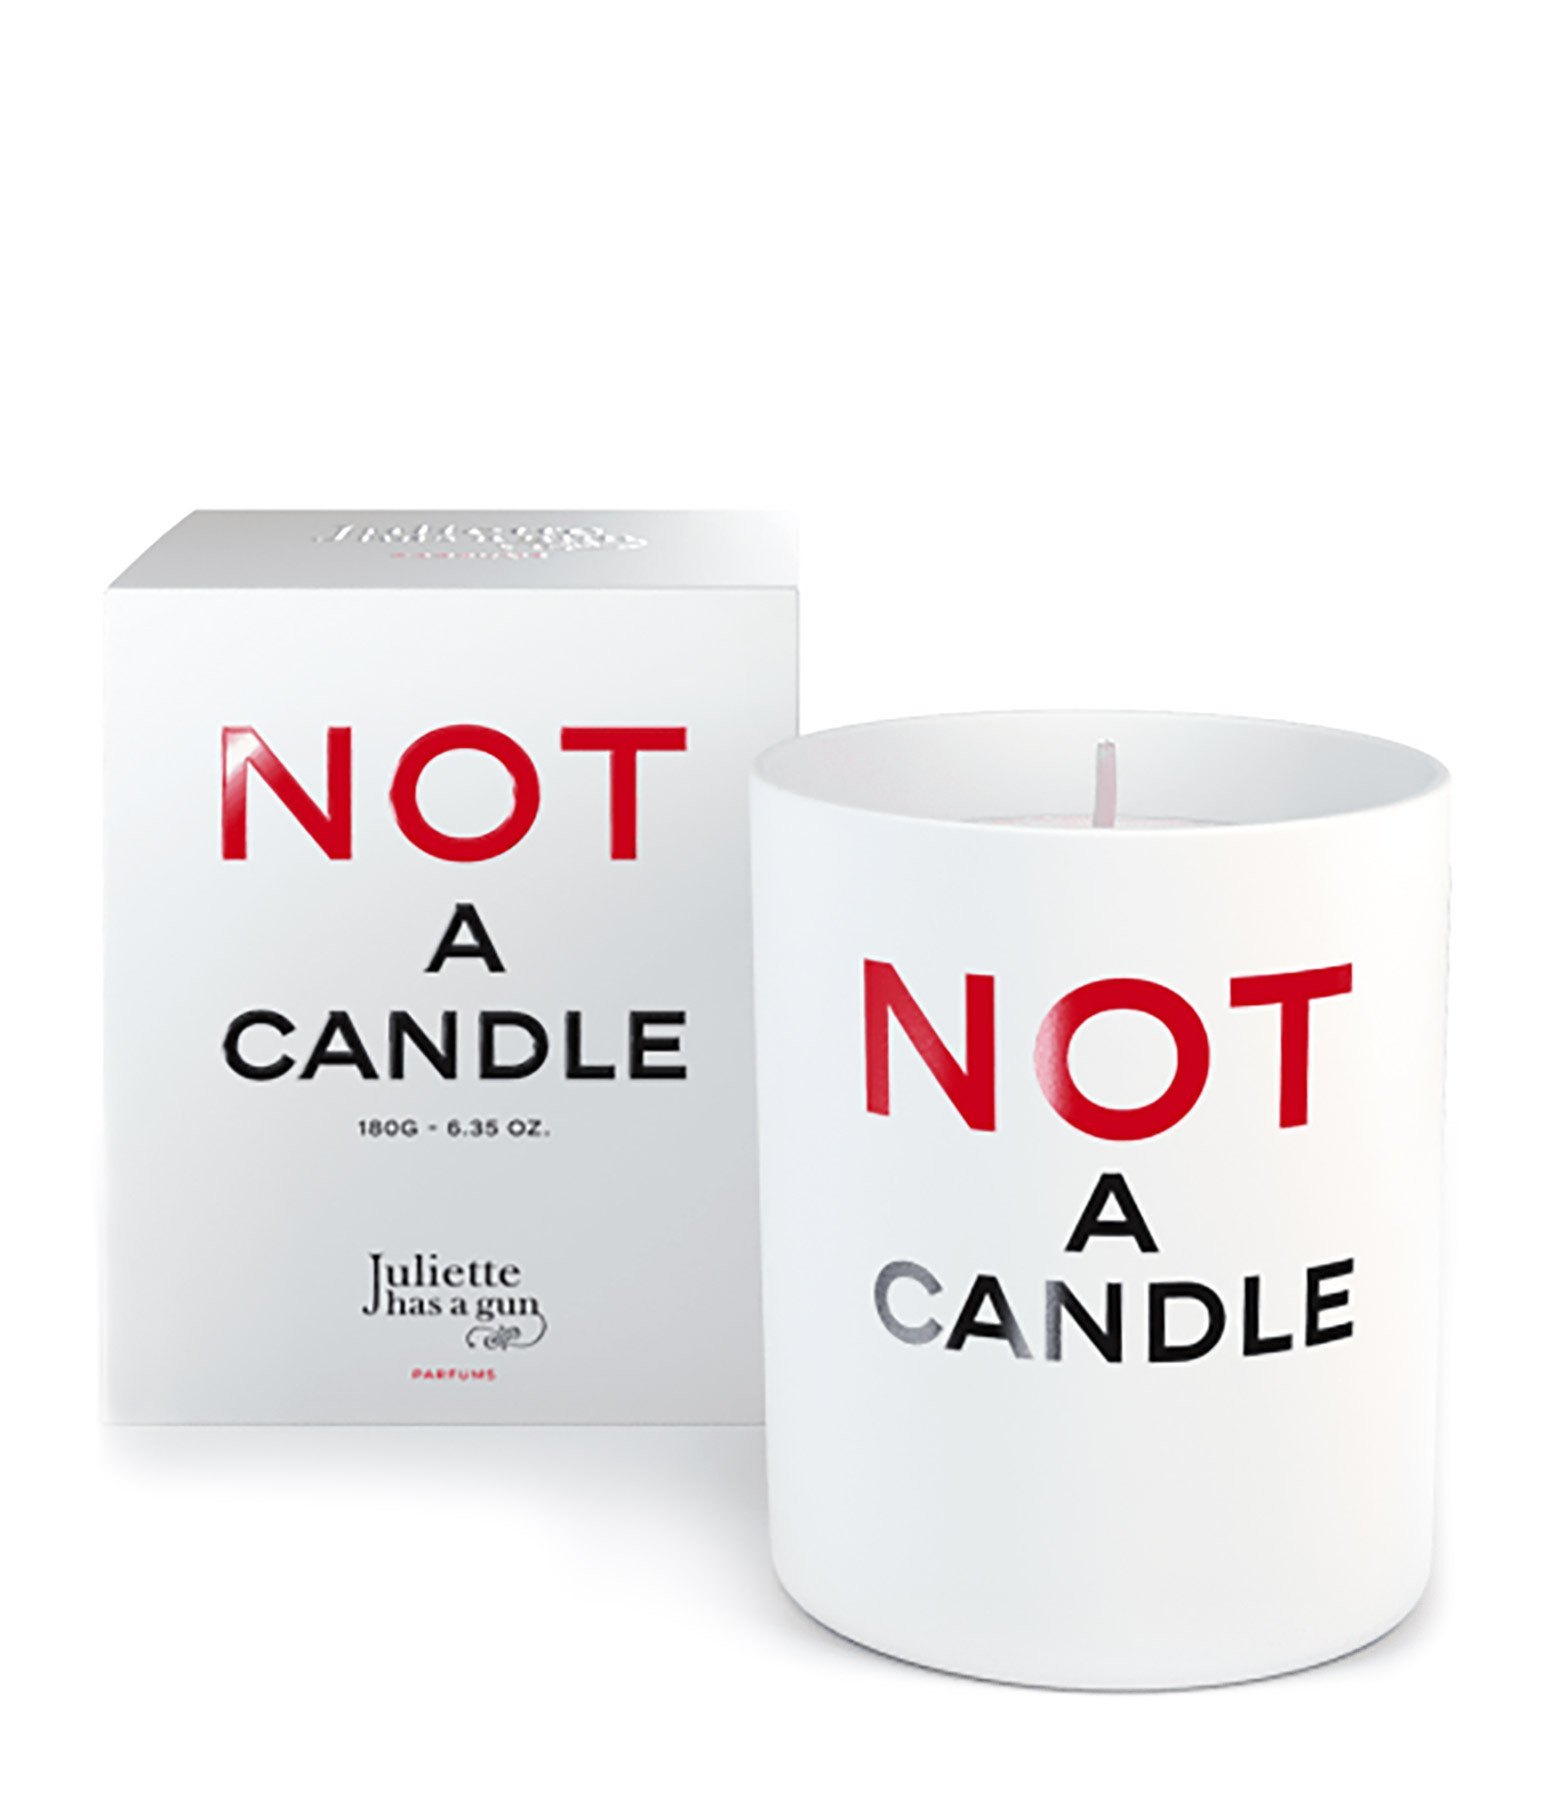 JULIETTE HAS A GUN - Bougie Not a Candle 180g